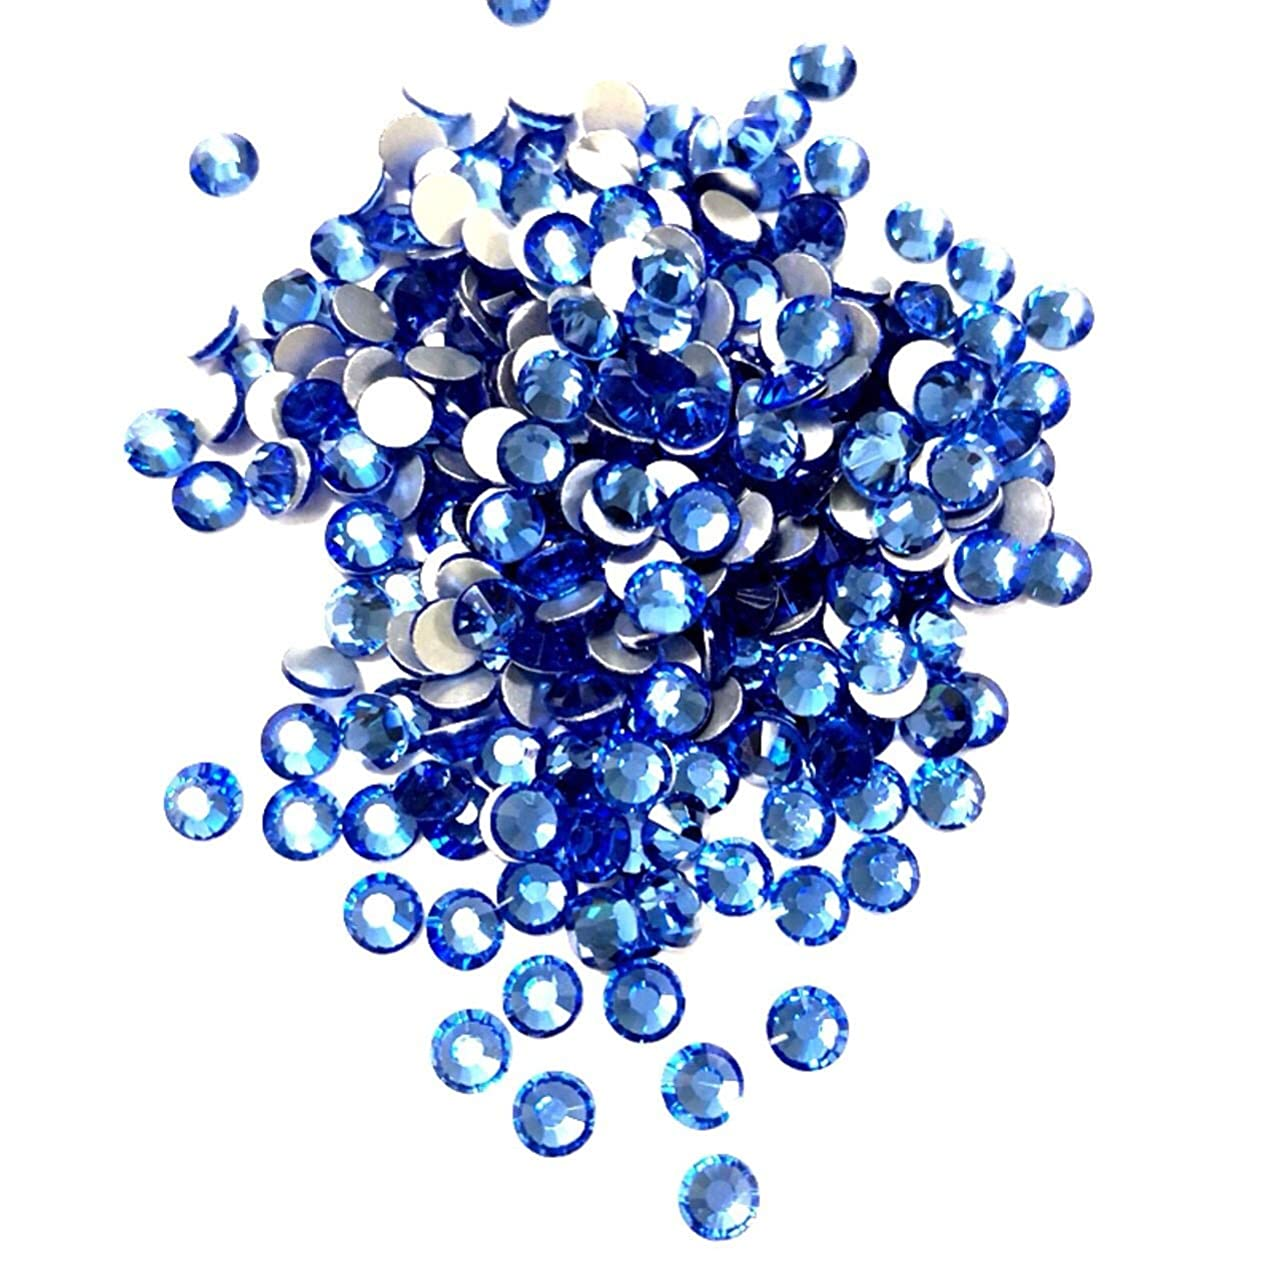 トピック日食苦い【ネイルウーマン】最高品質ガラスストーン!スワロ同等の輝き! ライトサファイア ブルー 水色 (約100粒入り) (ライトサファイア) (SS12, ライトサファイア)